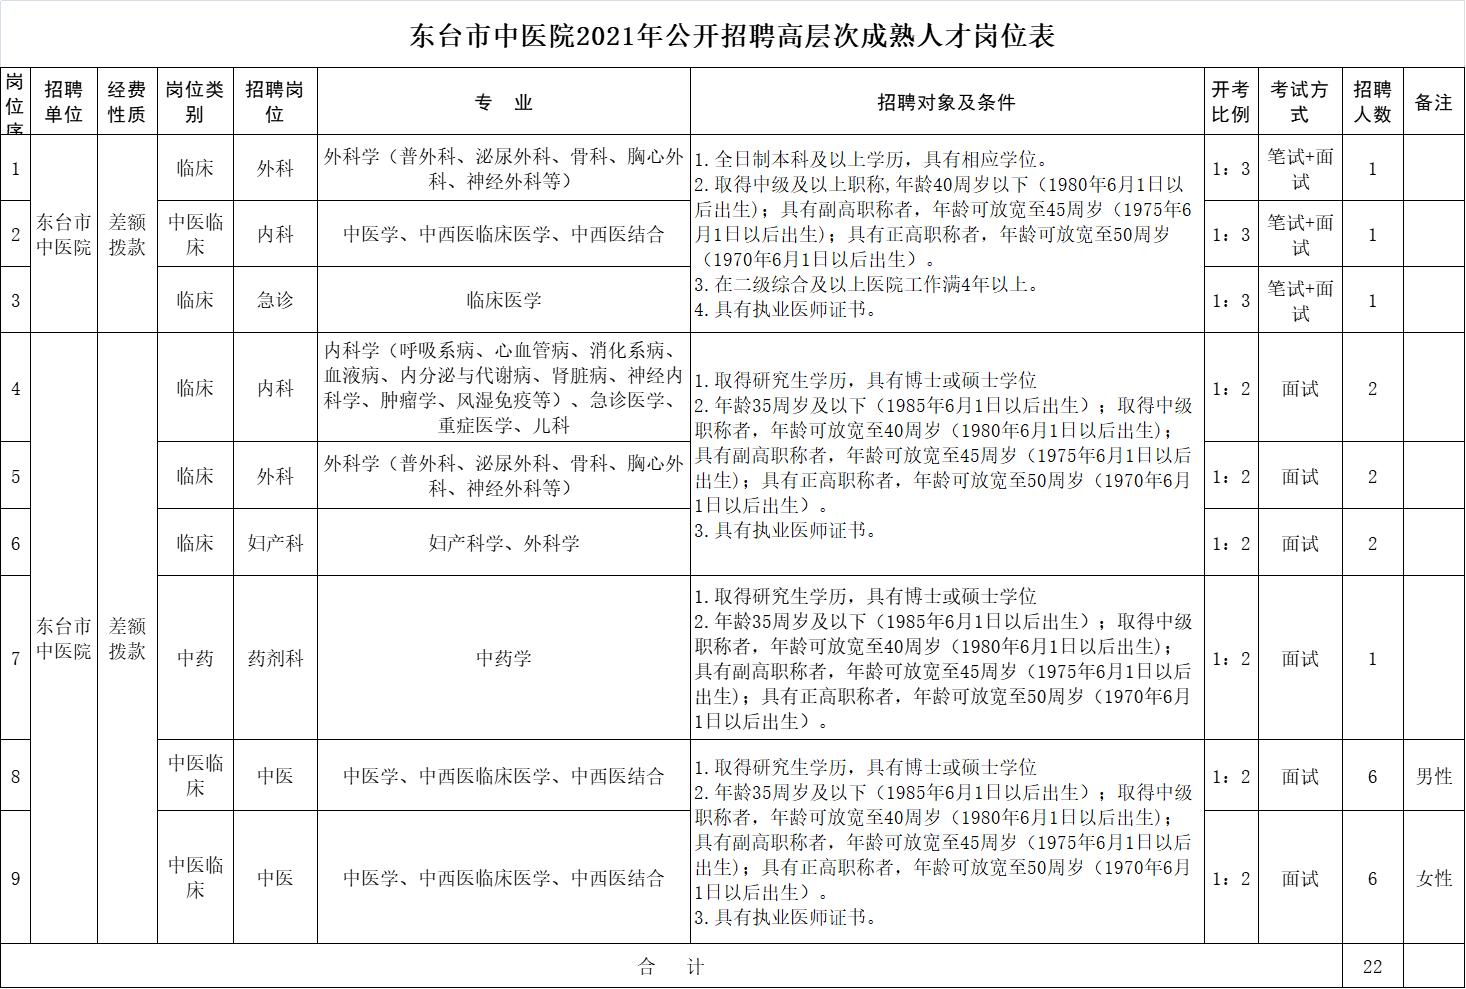 东台市中医院2021年公开招聘高层次成熟人才岗位表